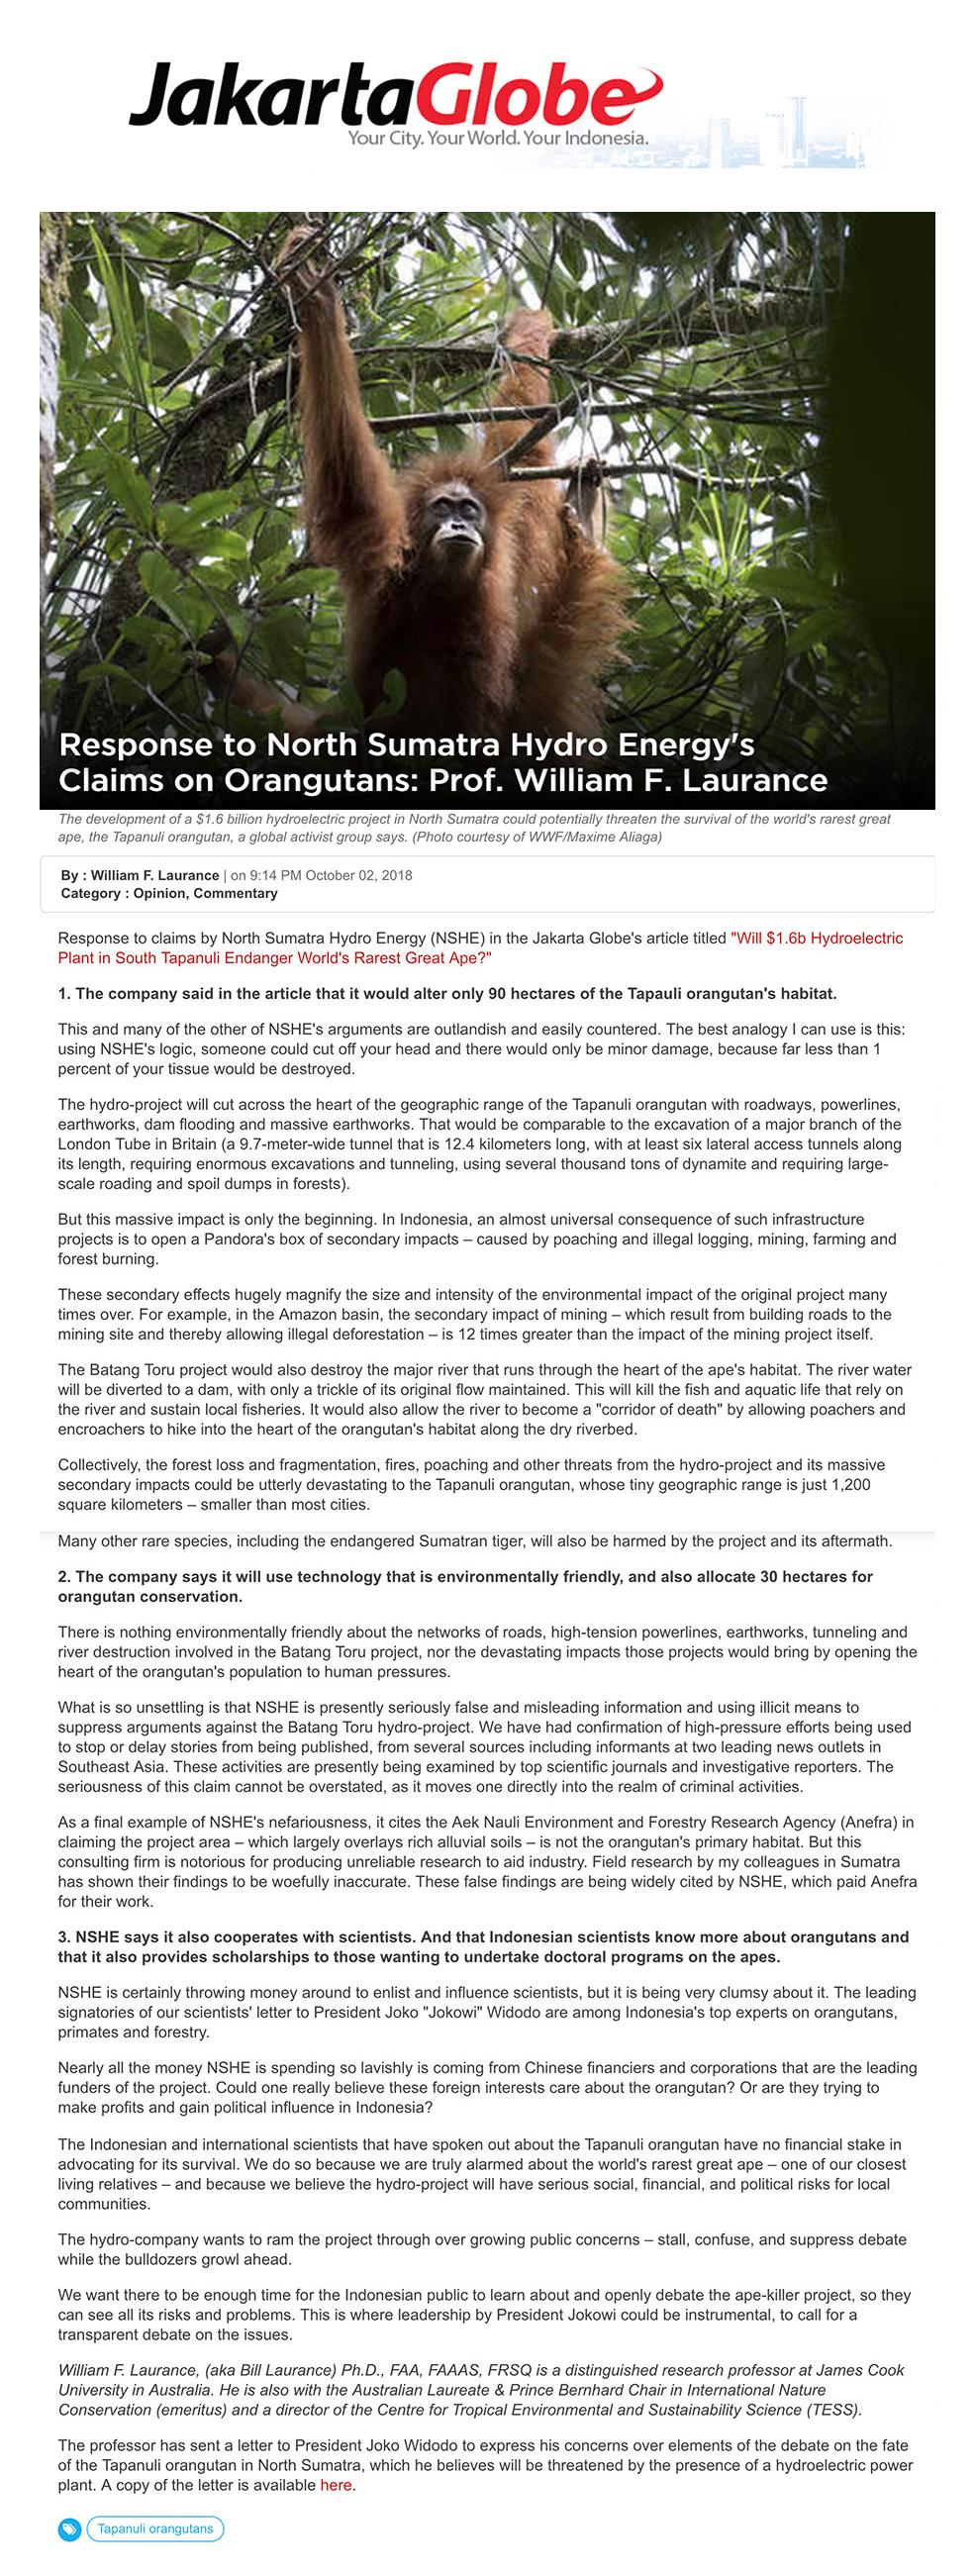 Jakarta Globe Article